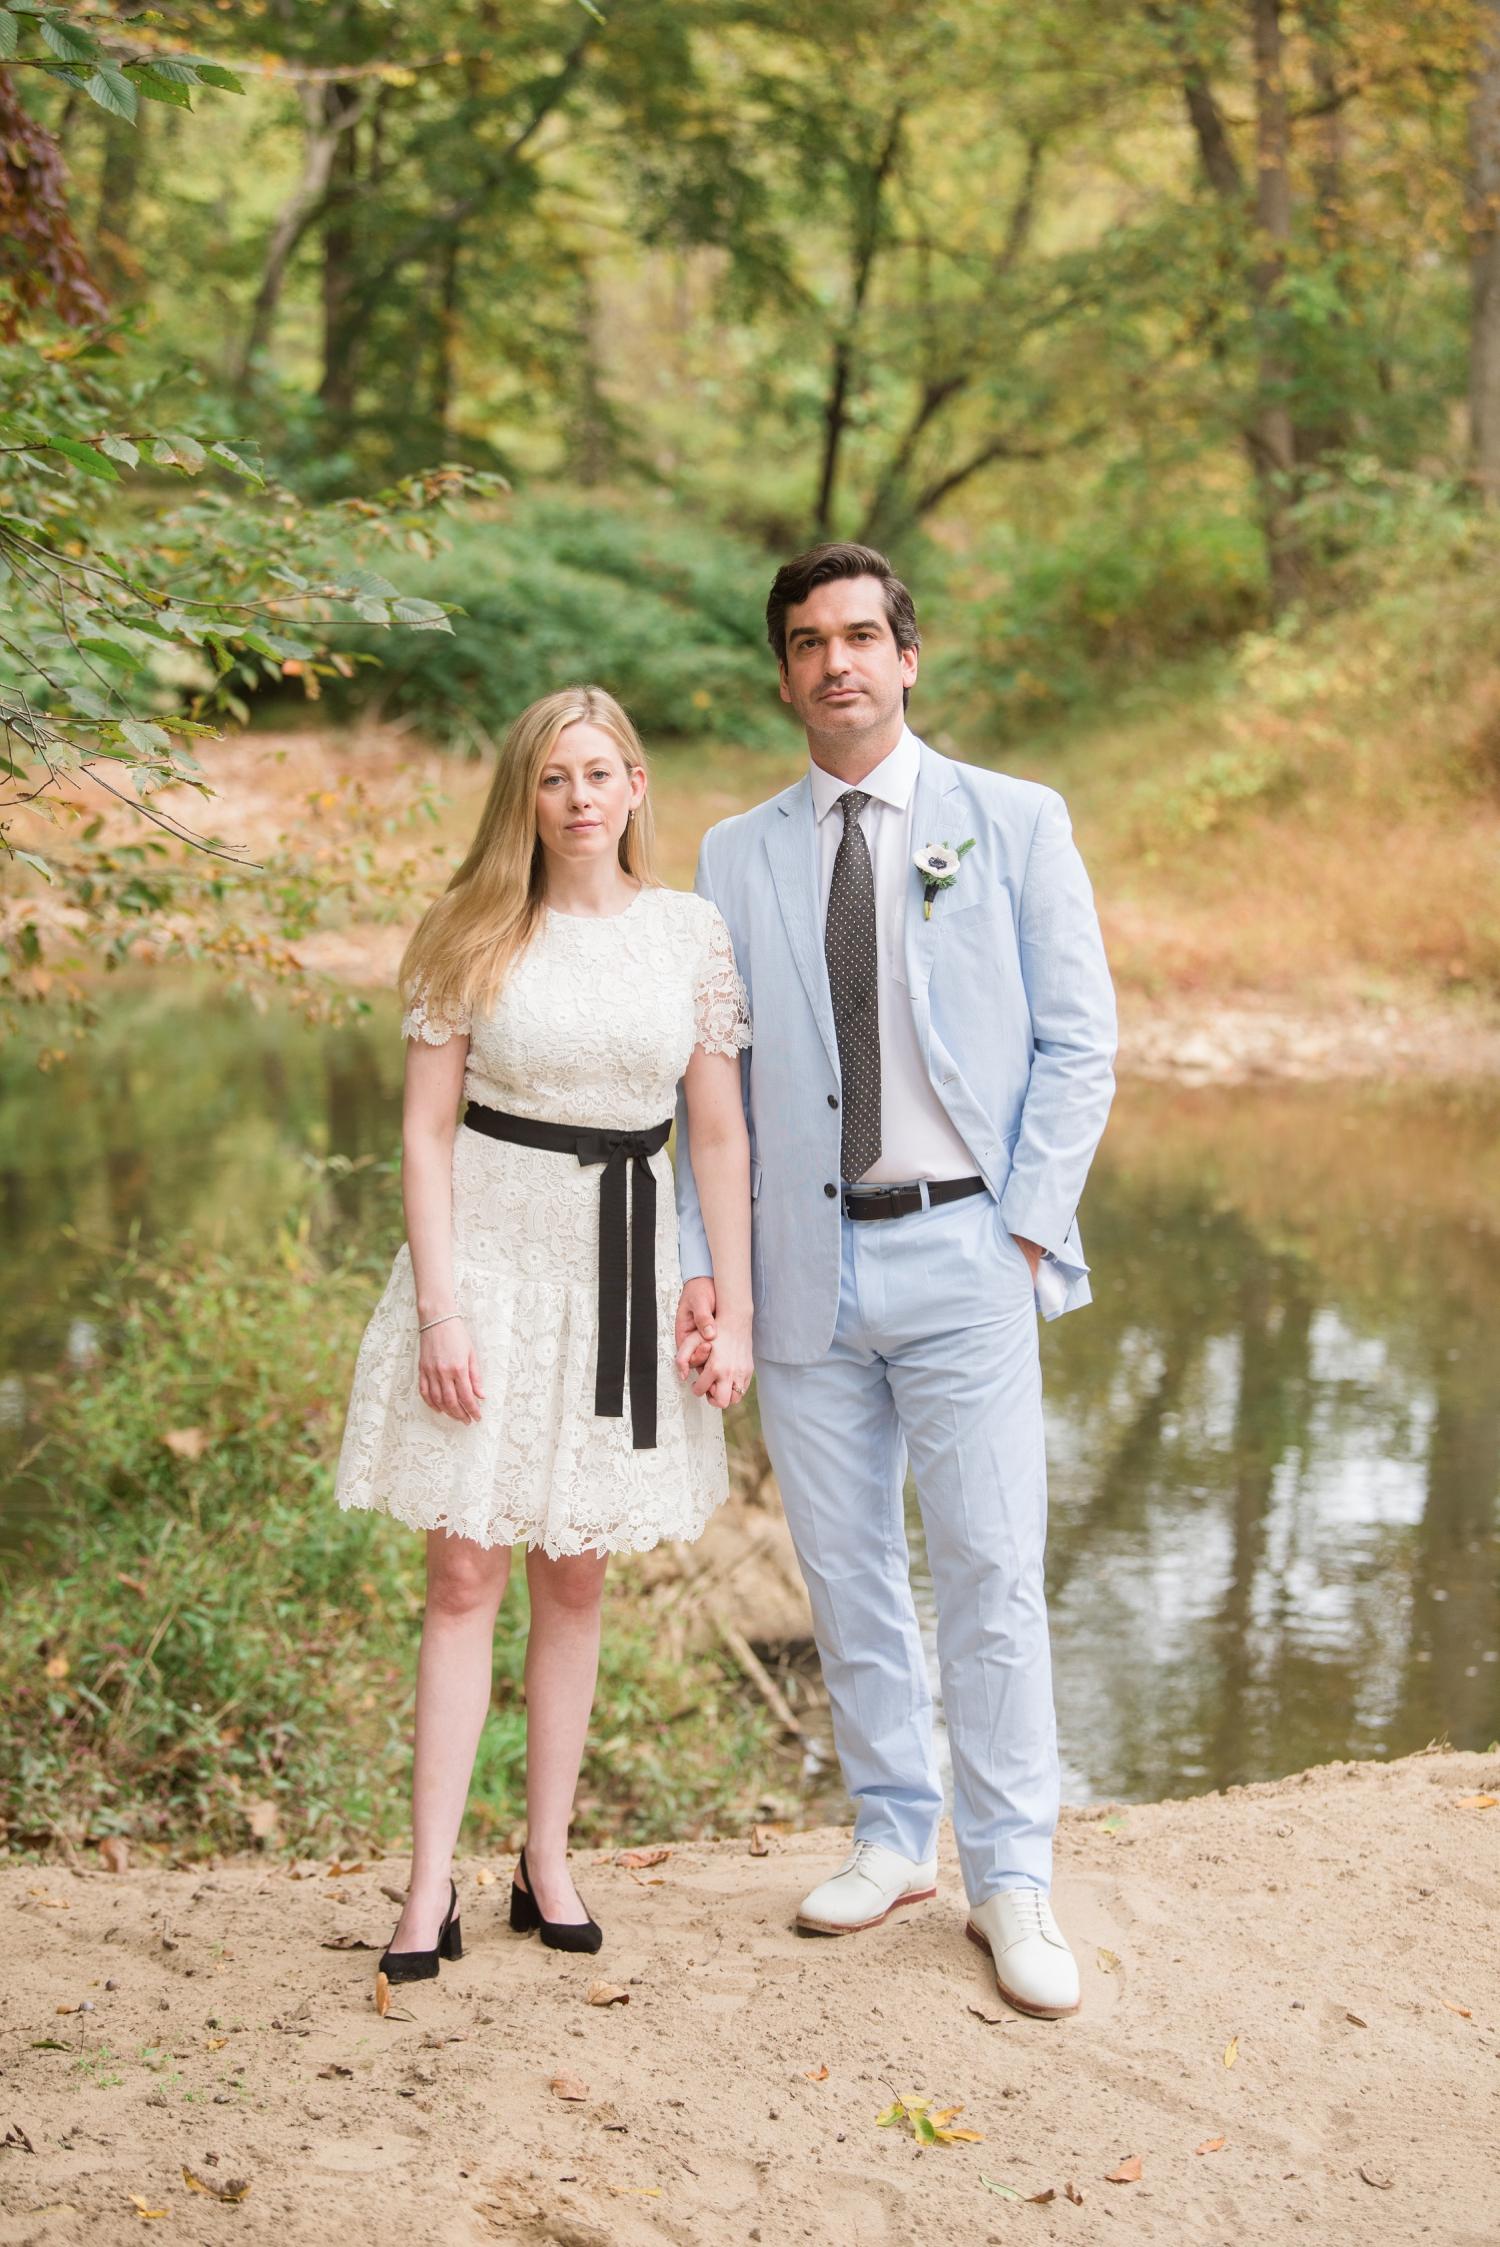 Baltimore Micro wedding couple photos at private home